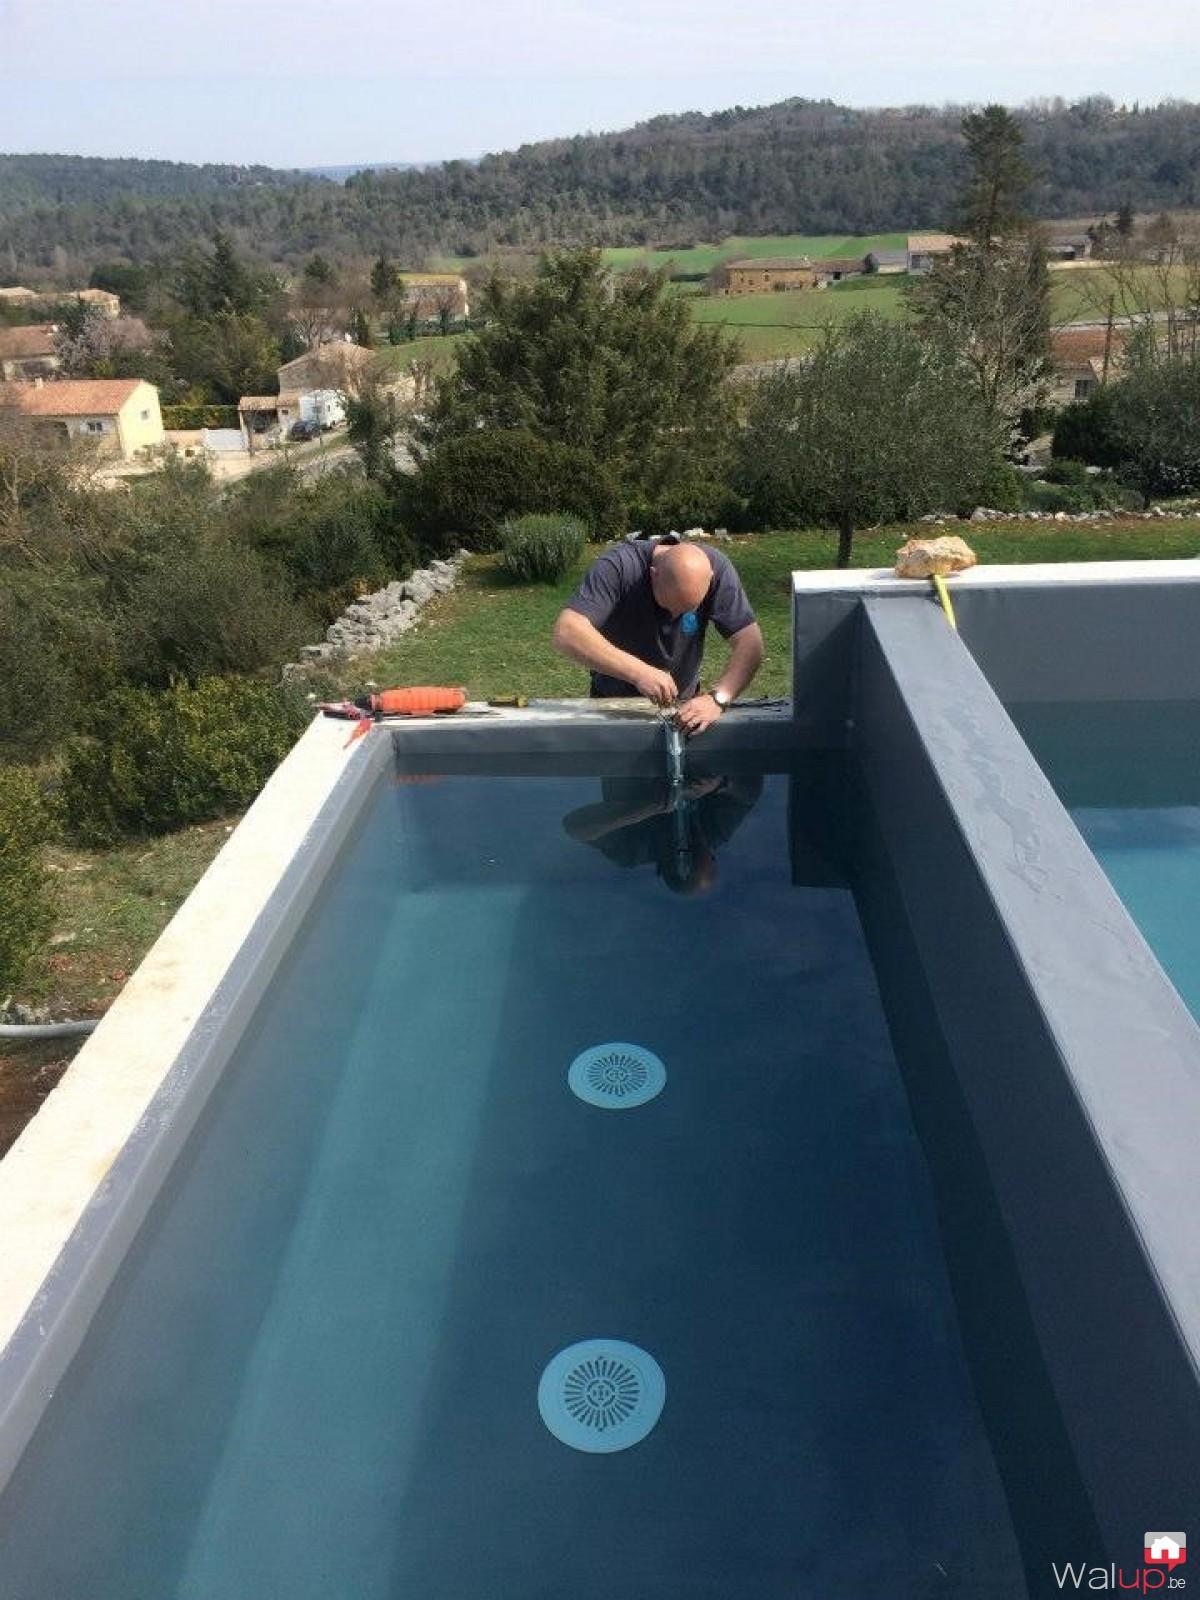 Piscine d bordement par pool conception sprl for Conception piscine